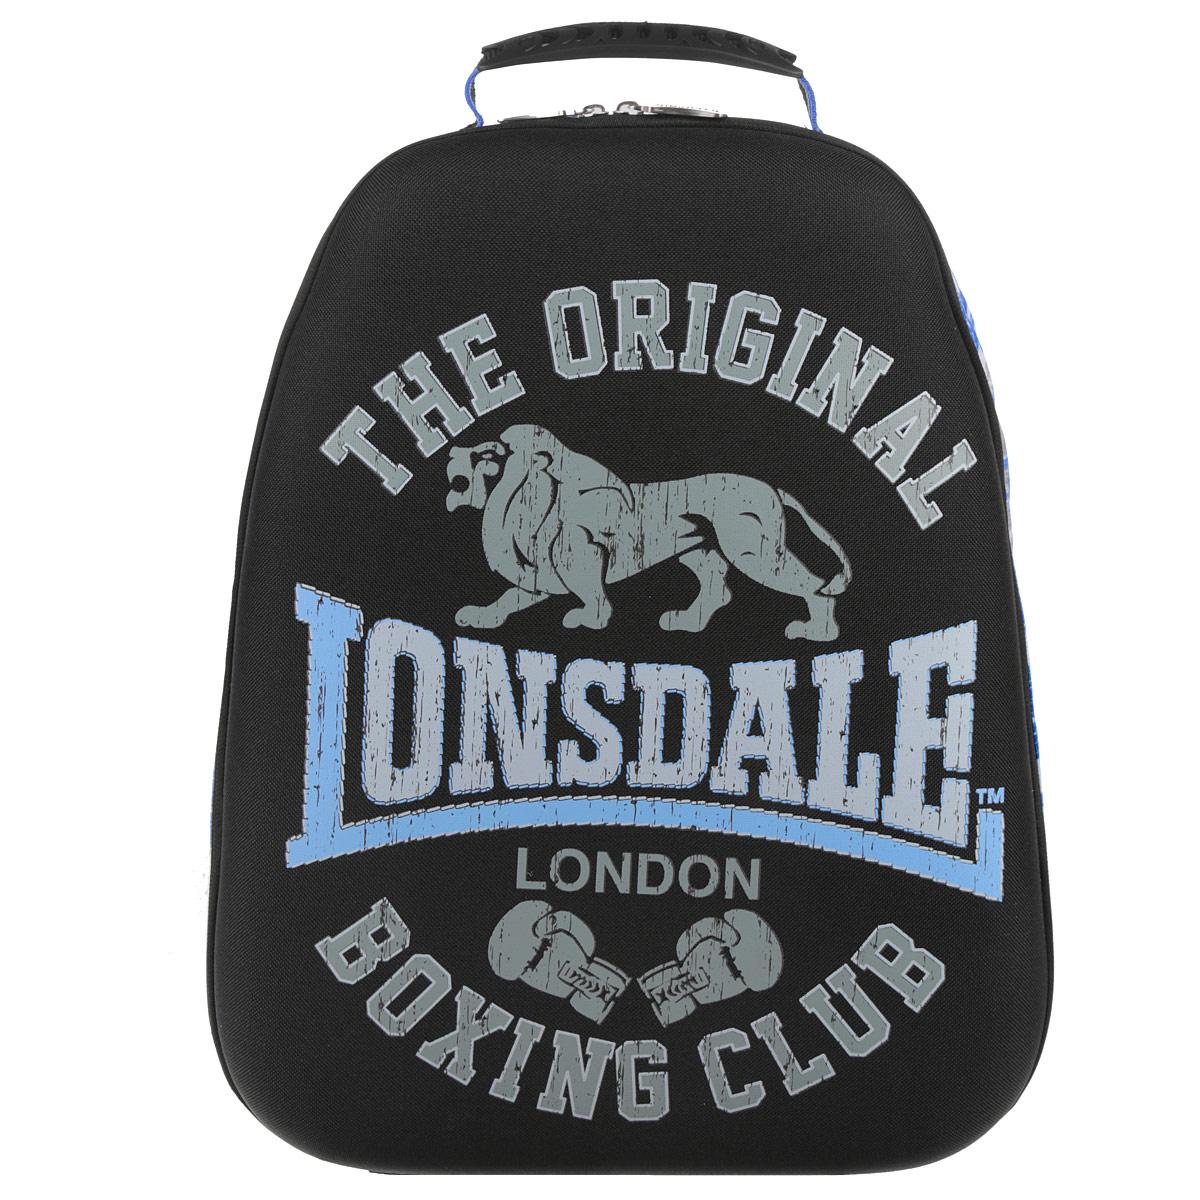 Рюкзак молодежный Lonsdale, цвет: черный, серый, голубой. LSCB-UT1-E150RD-418-1/1Стильный и молодежный рюкзак Lonsdale сочетает в себе современный дизайн, функциональность и долговечность. Выполнен из прочных материалов и оформлен изображением льва.Содержит изделие одно вместительное отделение на застежке-молнии с двумя бегунками. Внутри отделения находятся: открытый карман-сетка, карман-сетка на молнии, две мягкие перегородки и отделение для мобильного телефона. Фронтальная панель рюкзака выполнена из EVA, благодаря чему рюкзак не деформируется. Мягкие широкие лямки регулируются по длине. Рюкзак оснащен эргономичной ручкой для удобной переноски в руке. Этот рюкзак можно использовать для повседневных прогулок, отдыха и спорта, а также как элемент вашего имиджа.Рекомендуемый возраст: от 12 лет.